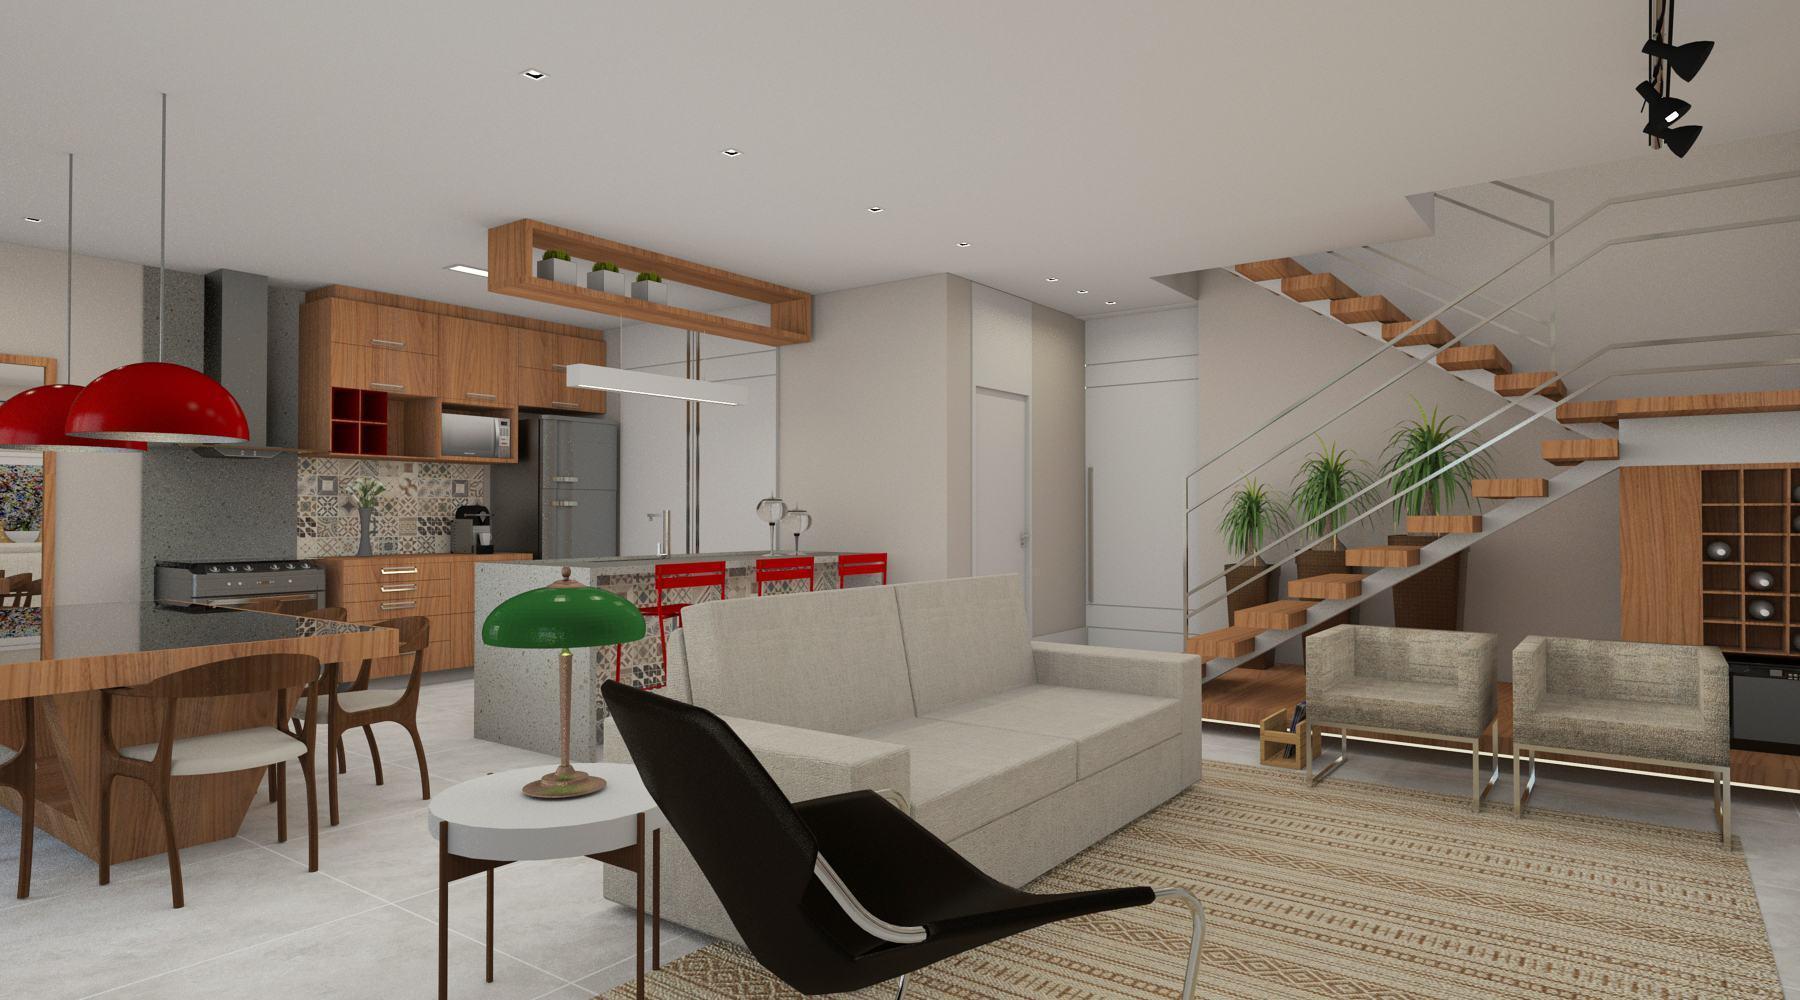 Sala Com Escada 60 Ideias E Refer Ncias Incr Veis  -> Cozinha Com Sala Conjugada